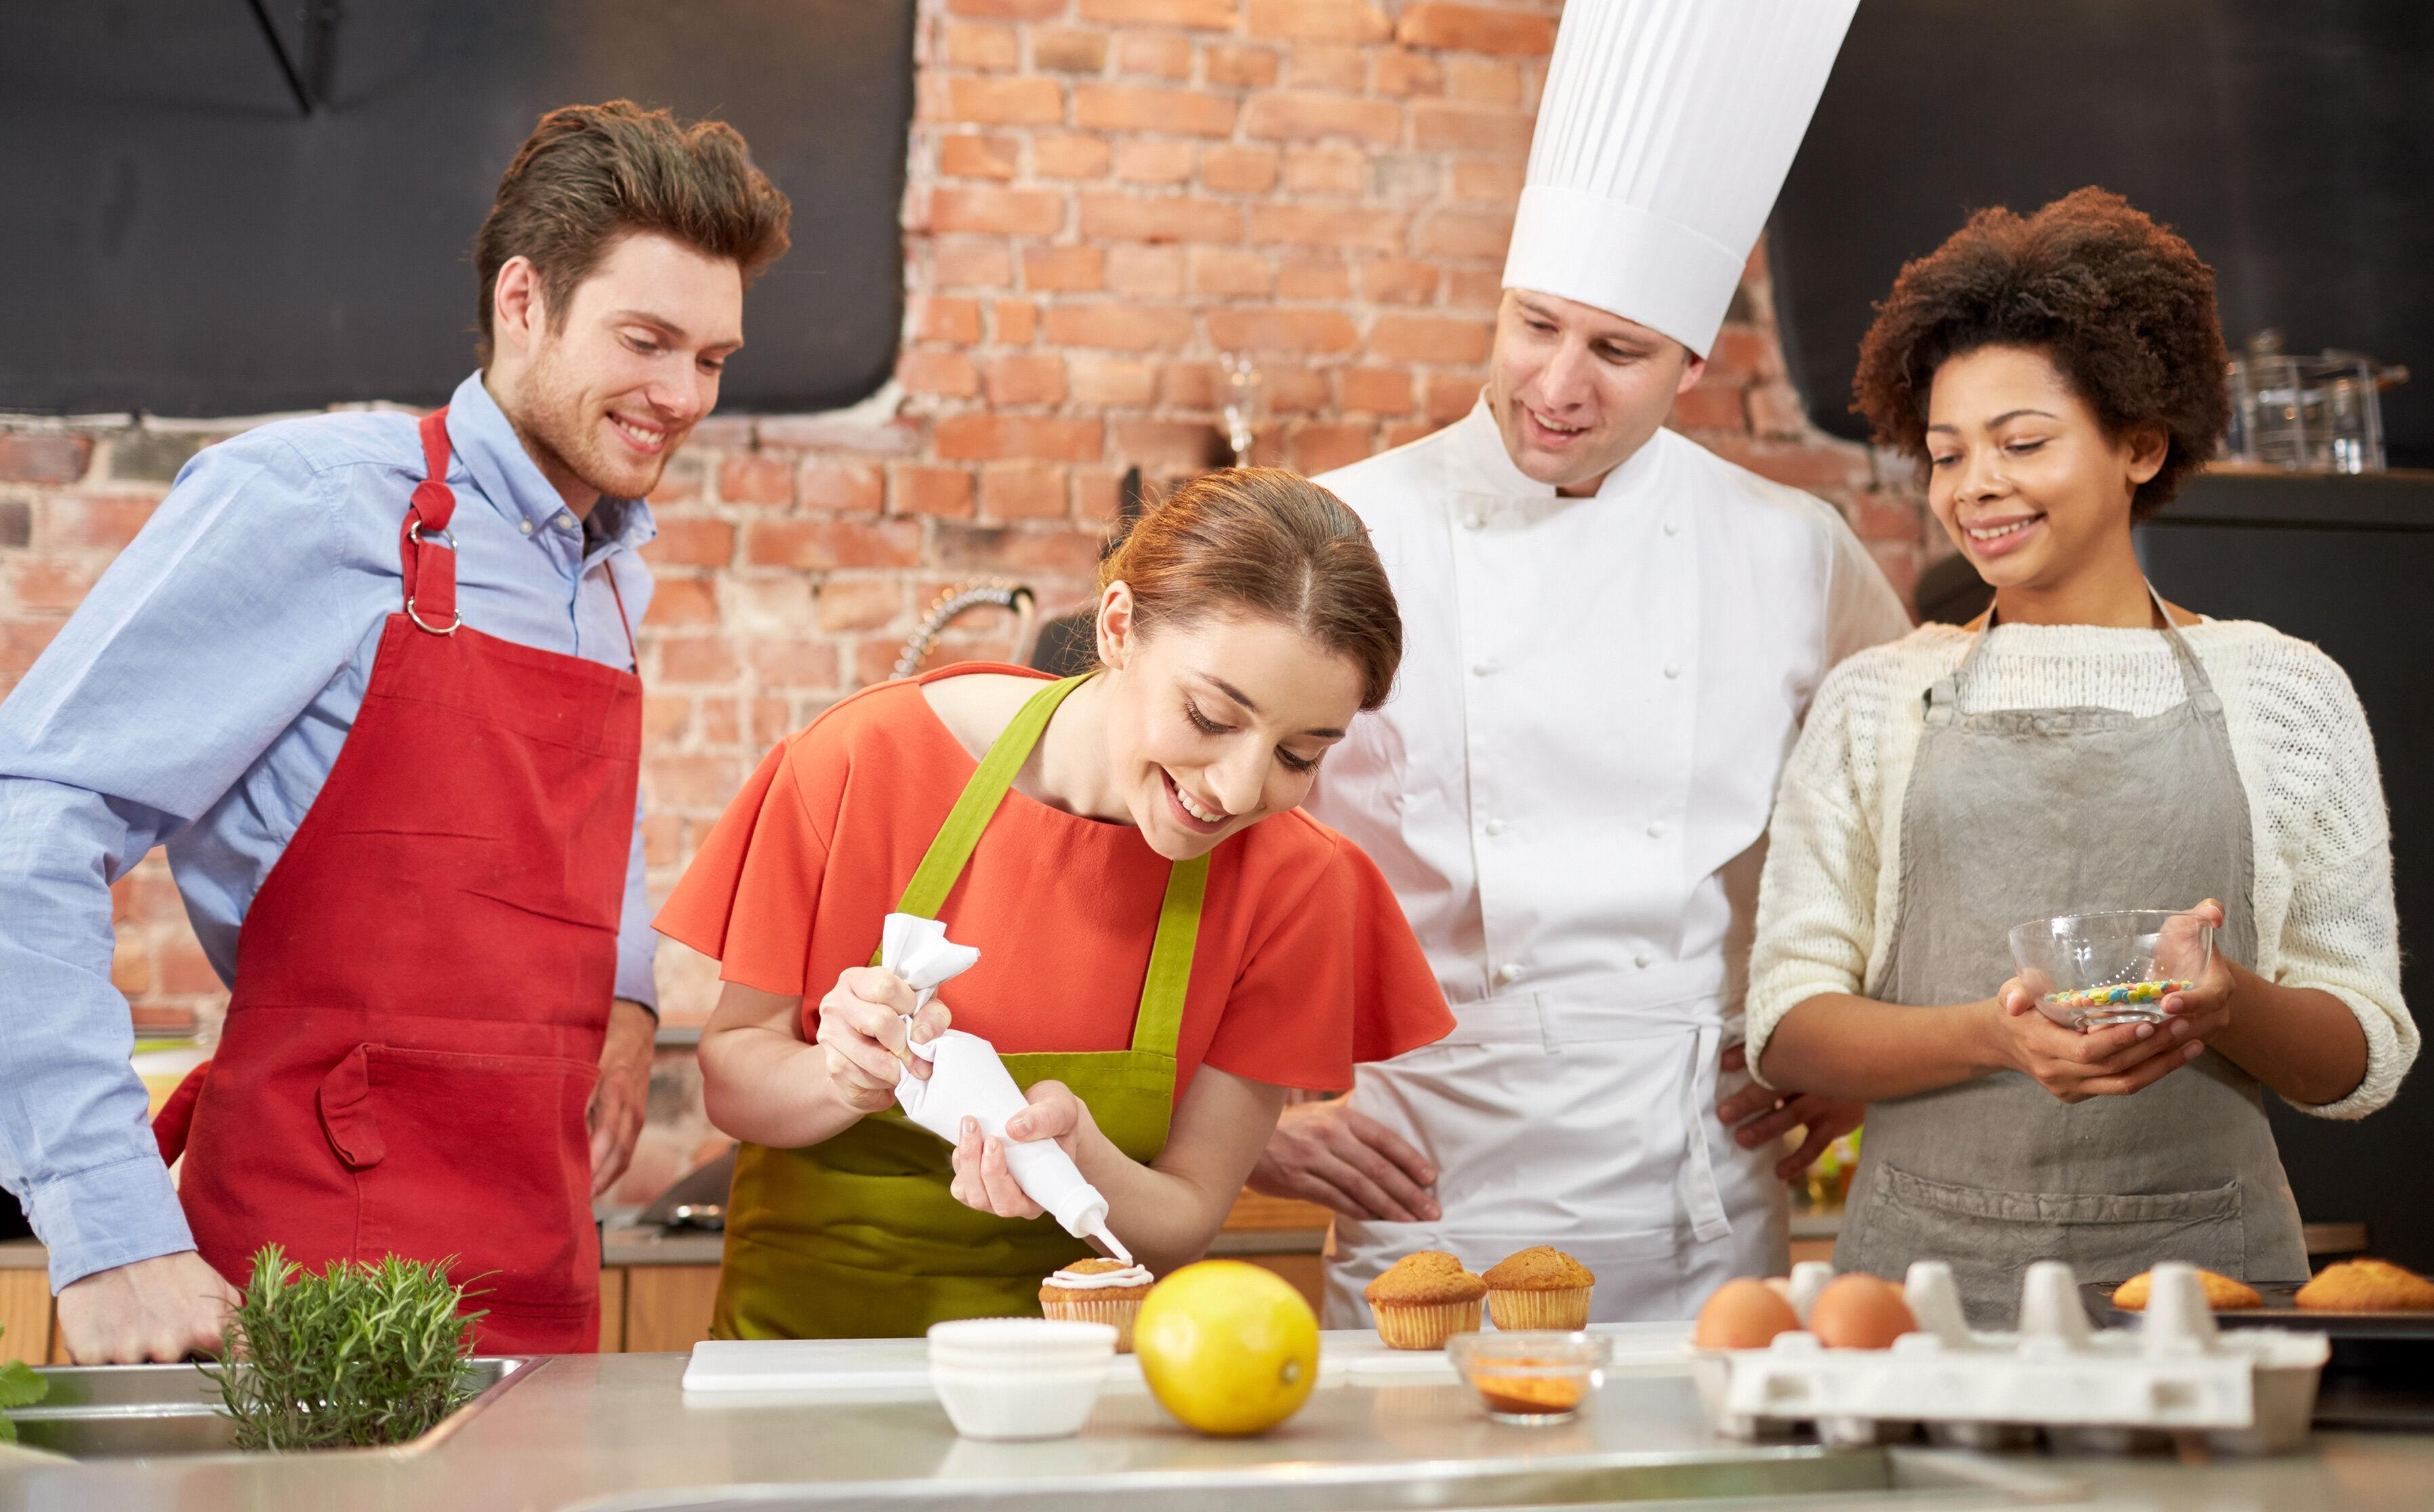 Cours de patisserie smartbox blog for Smartbox cours de cuisine